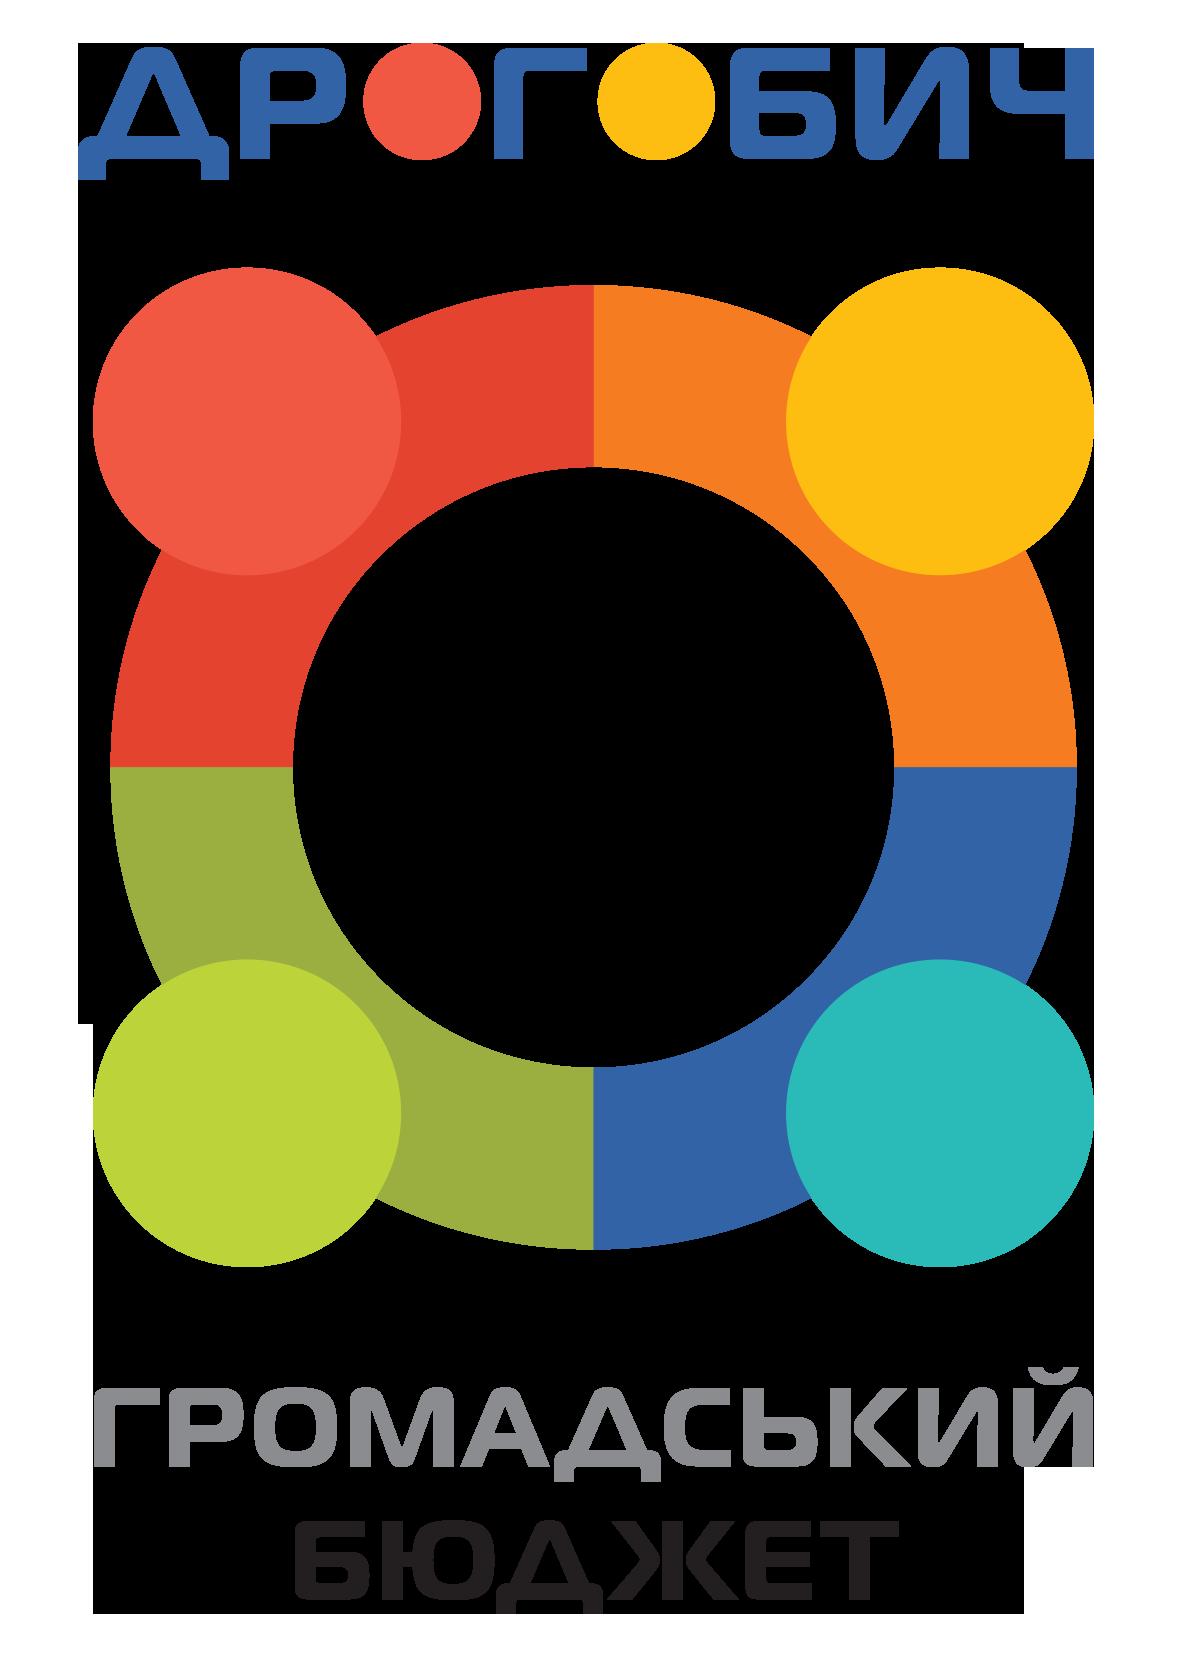 У середу оберуть проєкти-переможці Громадського бюджету Дрогобича 2020